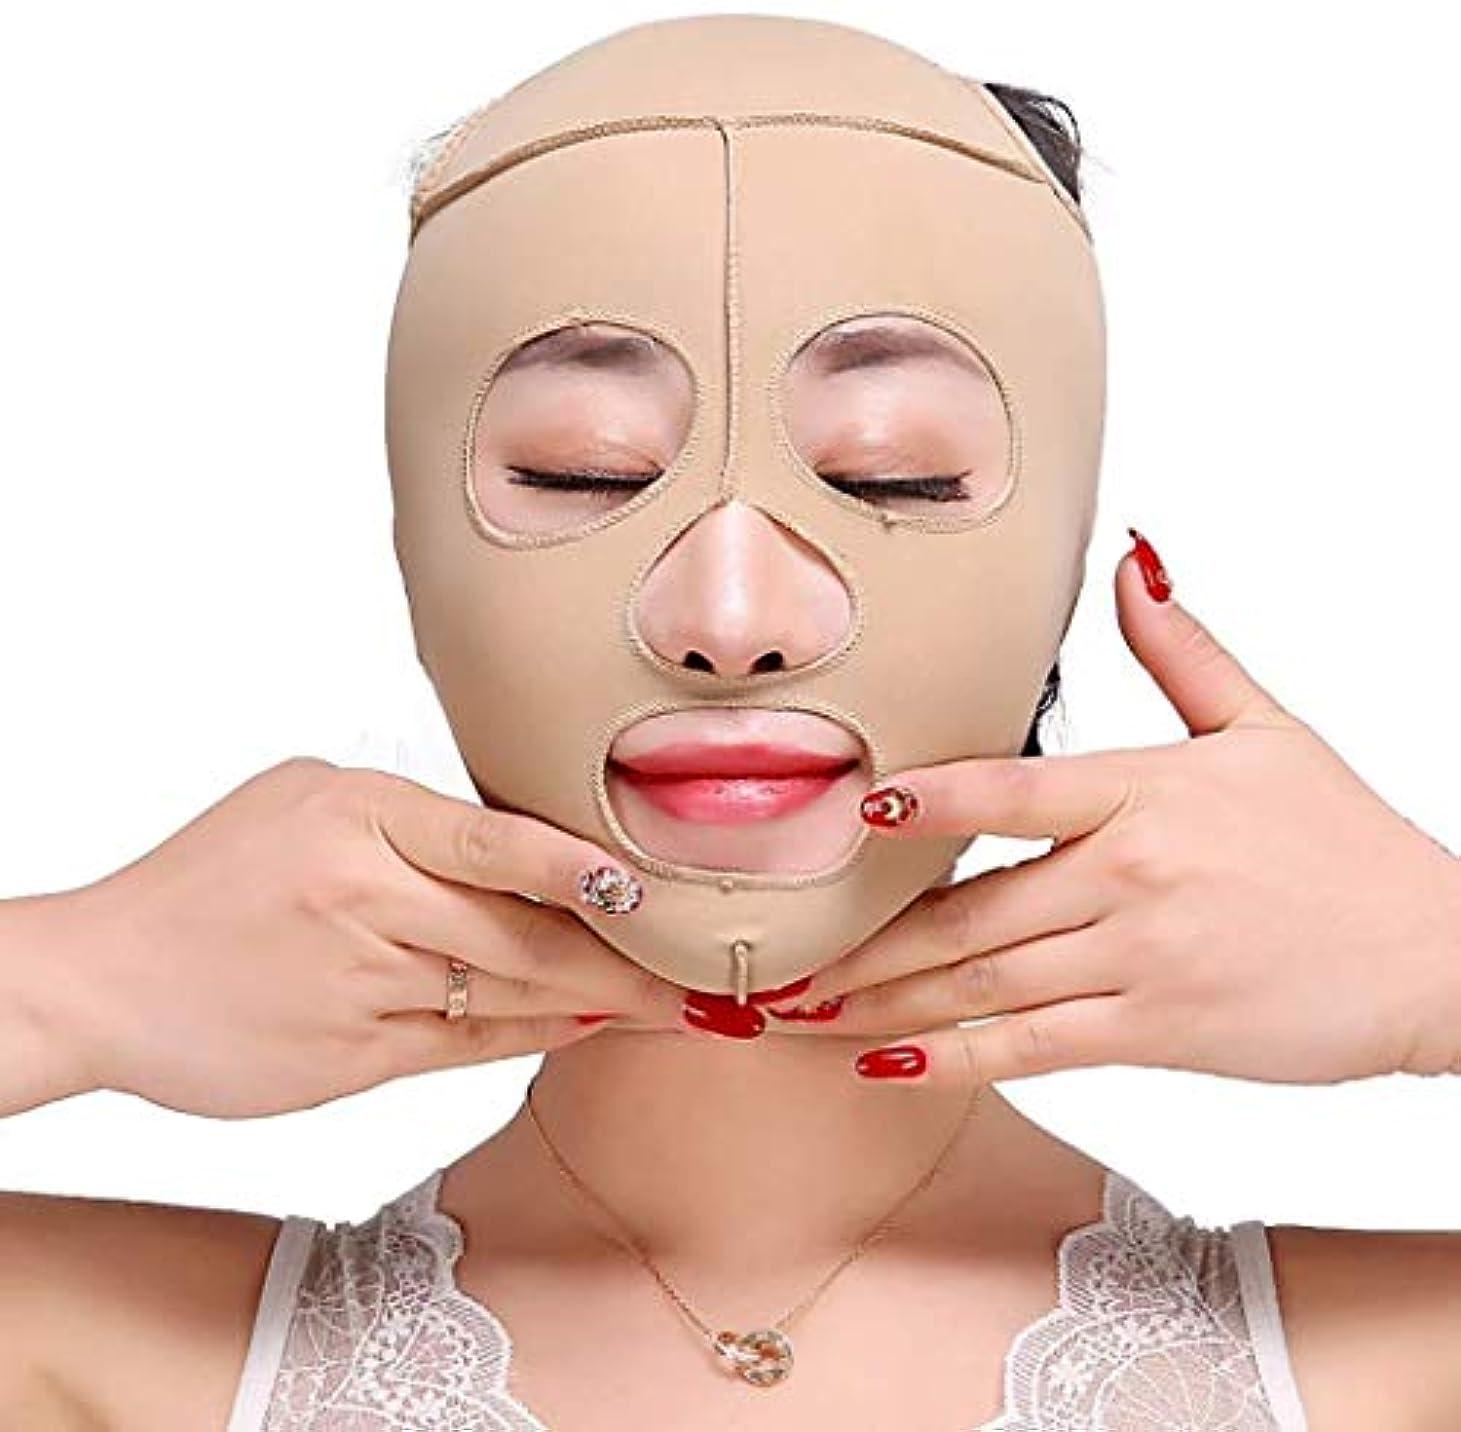 チャート居間障害者美容と実用的なファーミングフェイスマスク、スリミングベルトフェイスリフティングバンデージスモールVフェイスマスクフェイスリフティングフェイスマスクバンデージリフティングファーミングVフェイスビューティーフェイスマスクスモールフェイスバンデージヘッドギア...